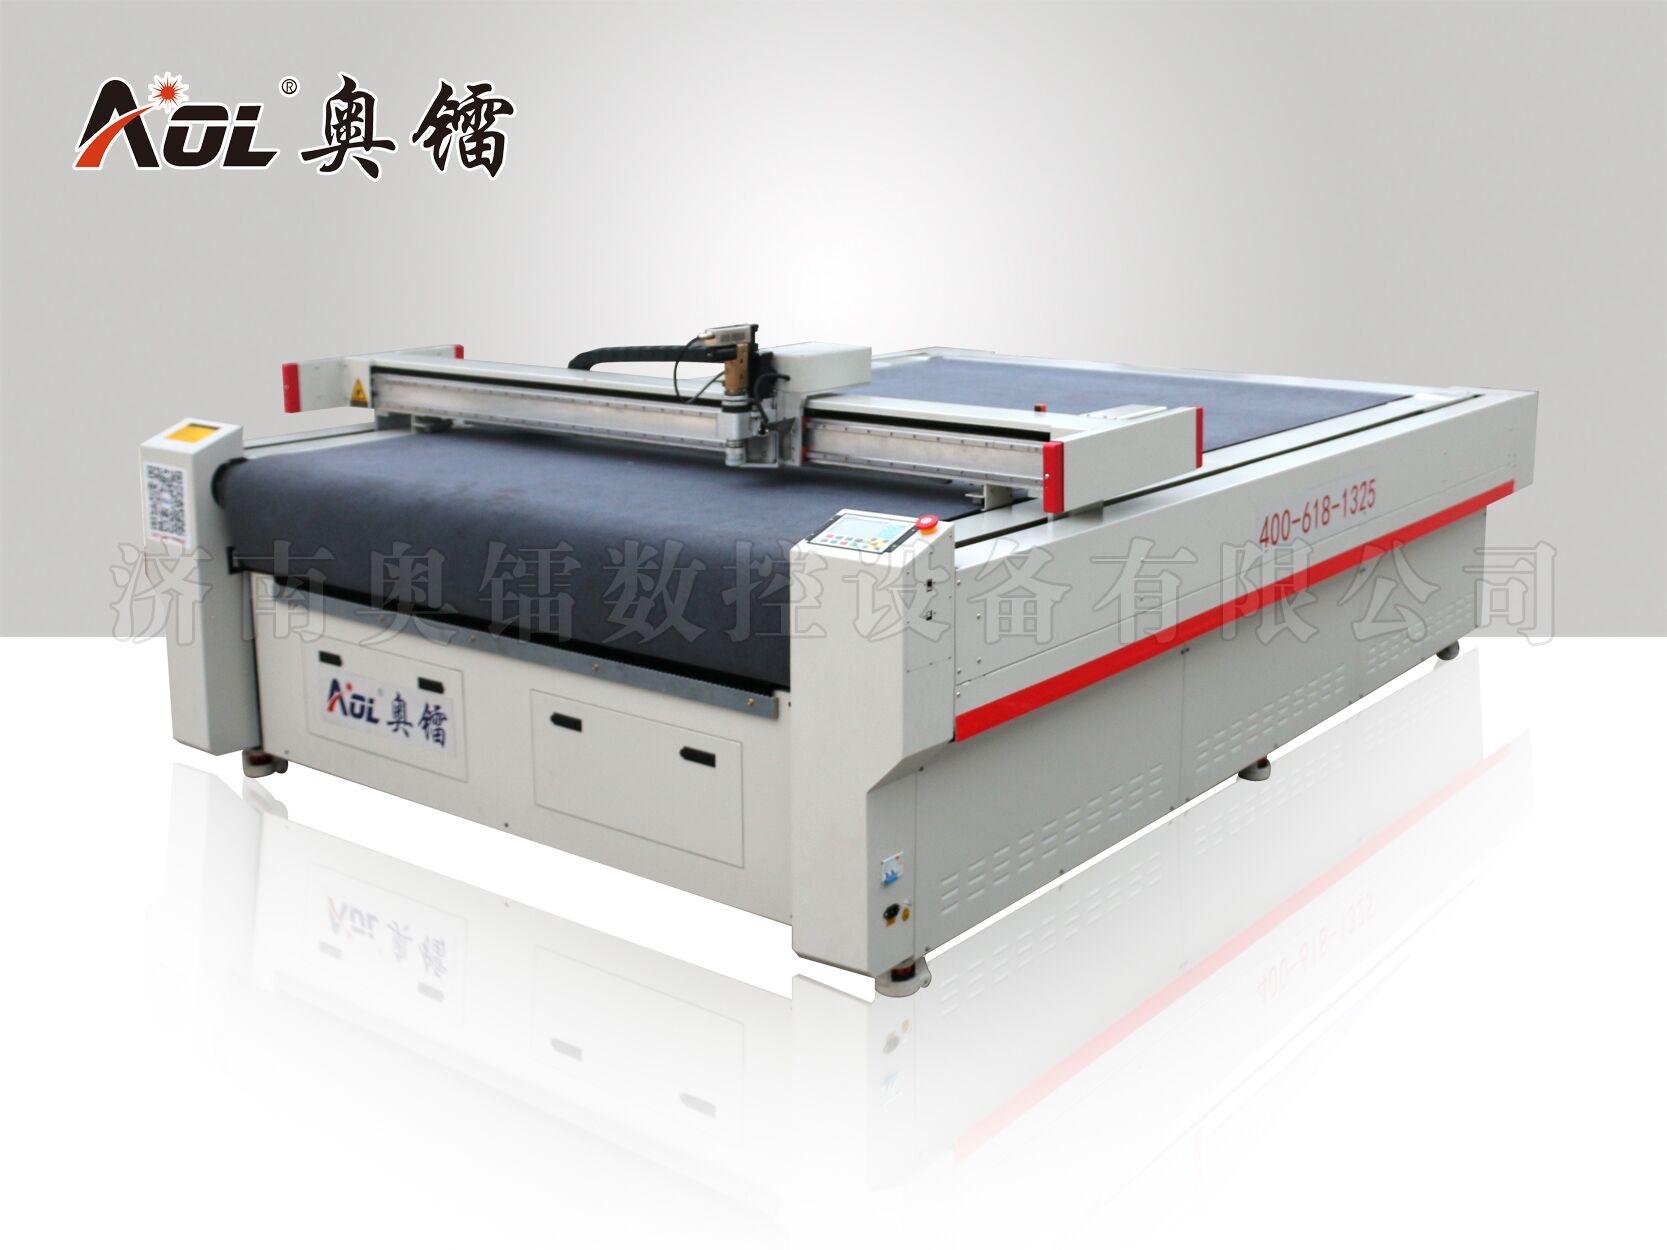 奥镭数控设备衣服布料自动送料裁剪机